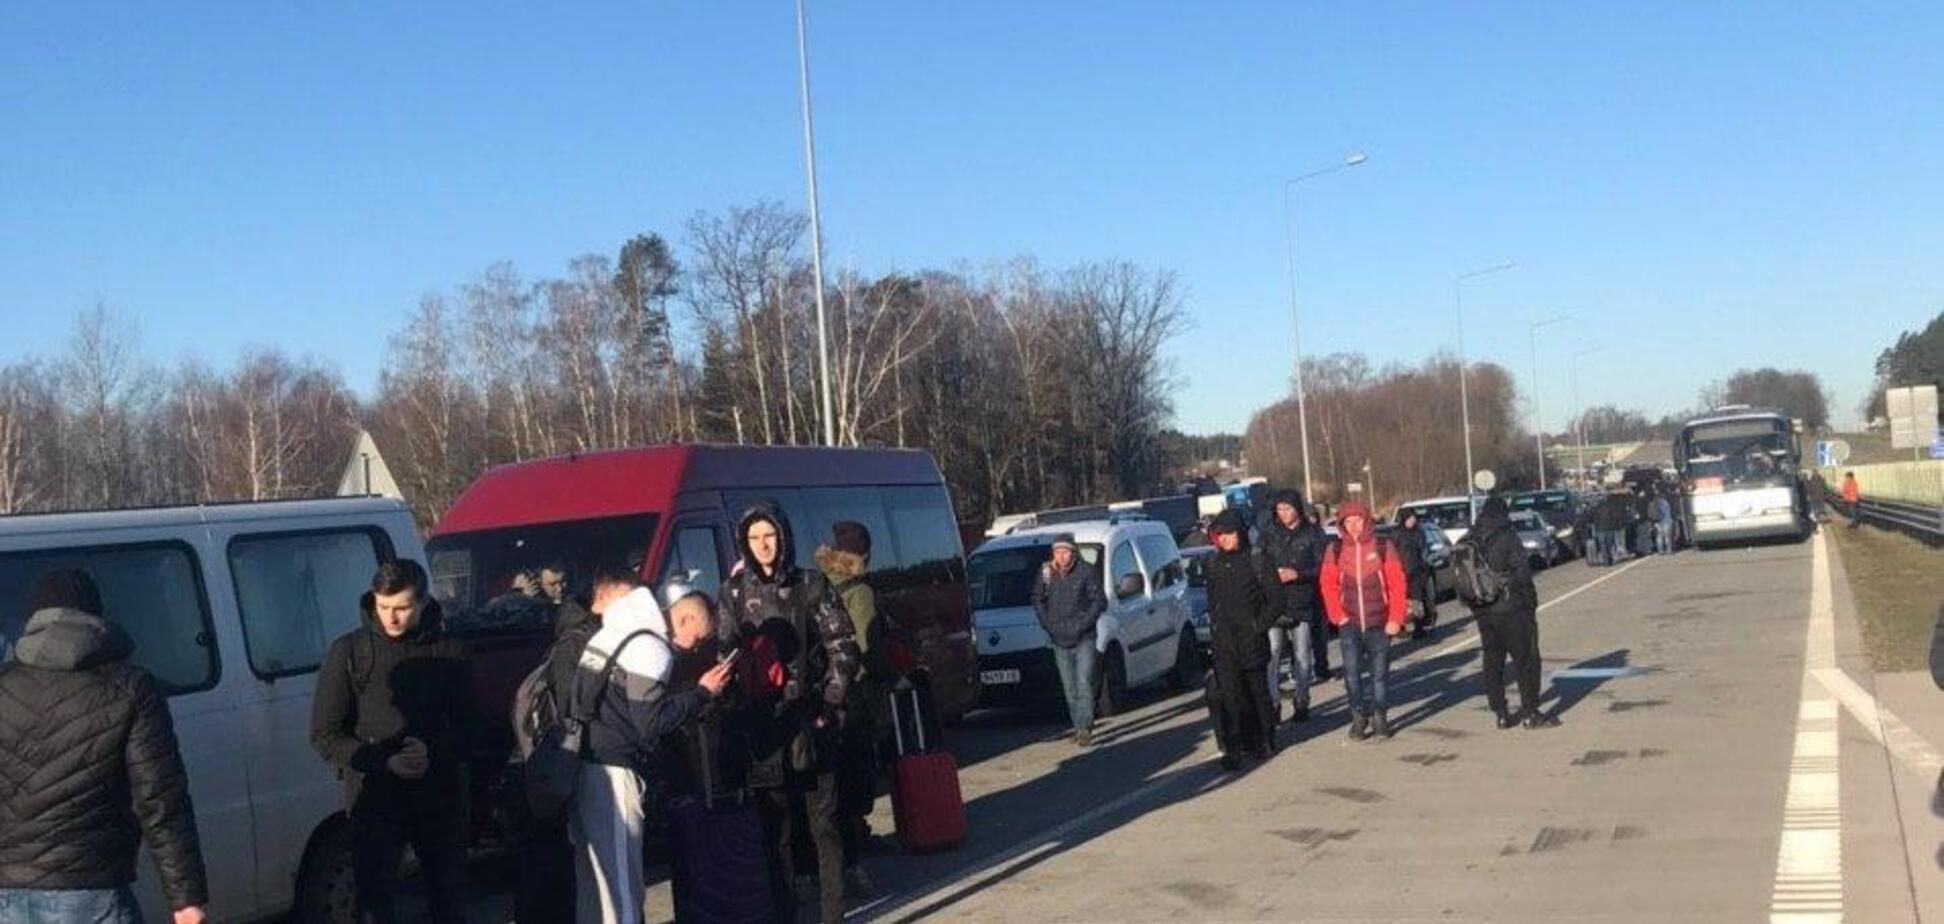 Граница с Польшей закрыта, тысячи украинцев не могут попасть домой: эксклюзивные детали